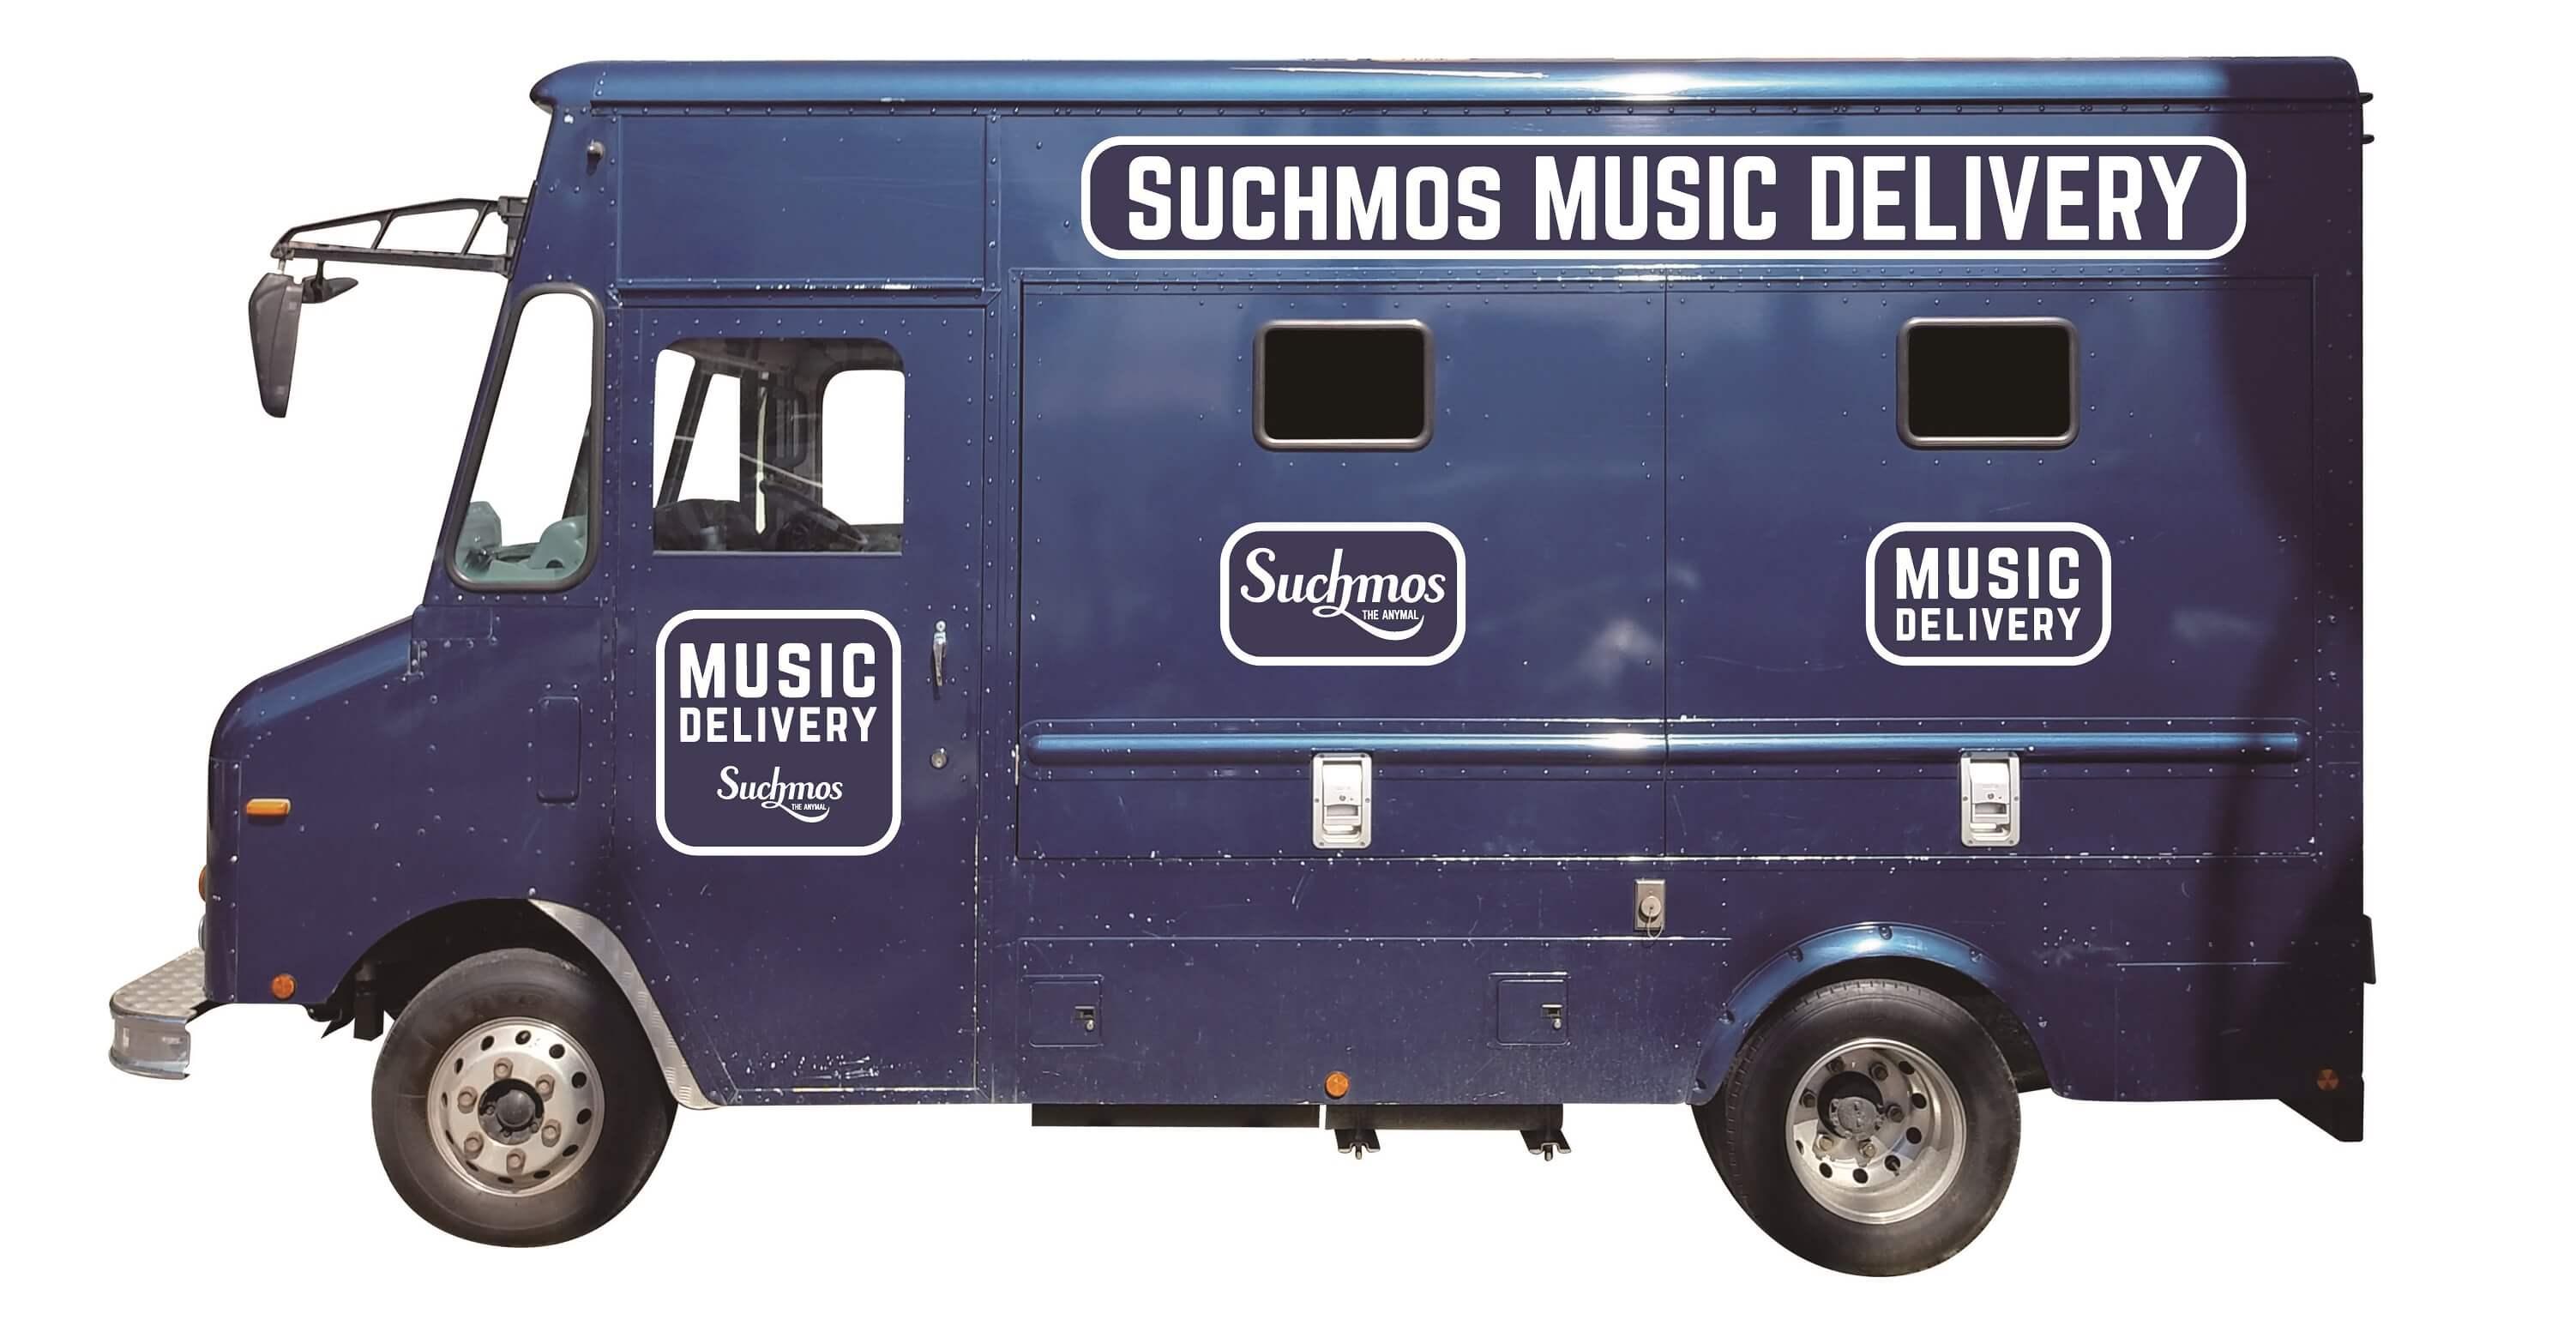 suchmos_music-delivery_the-anymal_truck_%e3%82%b5%e3%83%81%e3%83%a2%e3%82%b9_%e3%82%b6%e3%82%a2%e3%83%8b%e3%83%9e%e3%83%ab_%e3%83%88%e3%83%a9%e3%83%83%e3%82%af_%e7%a7%bb%e5%8b%95%e8%b2%a9%e5%a3%b2_2